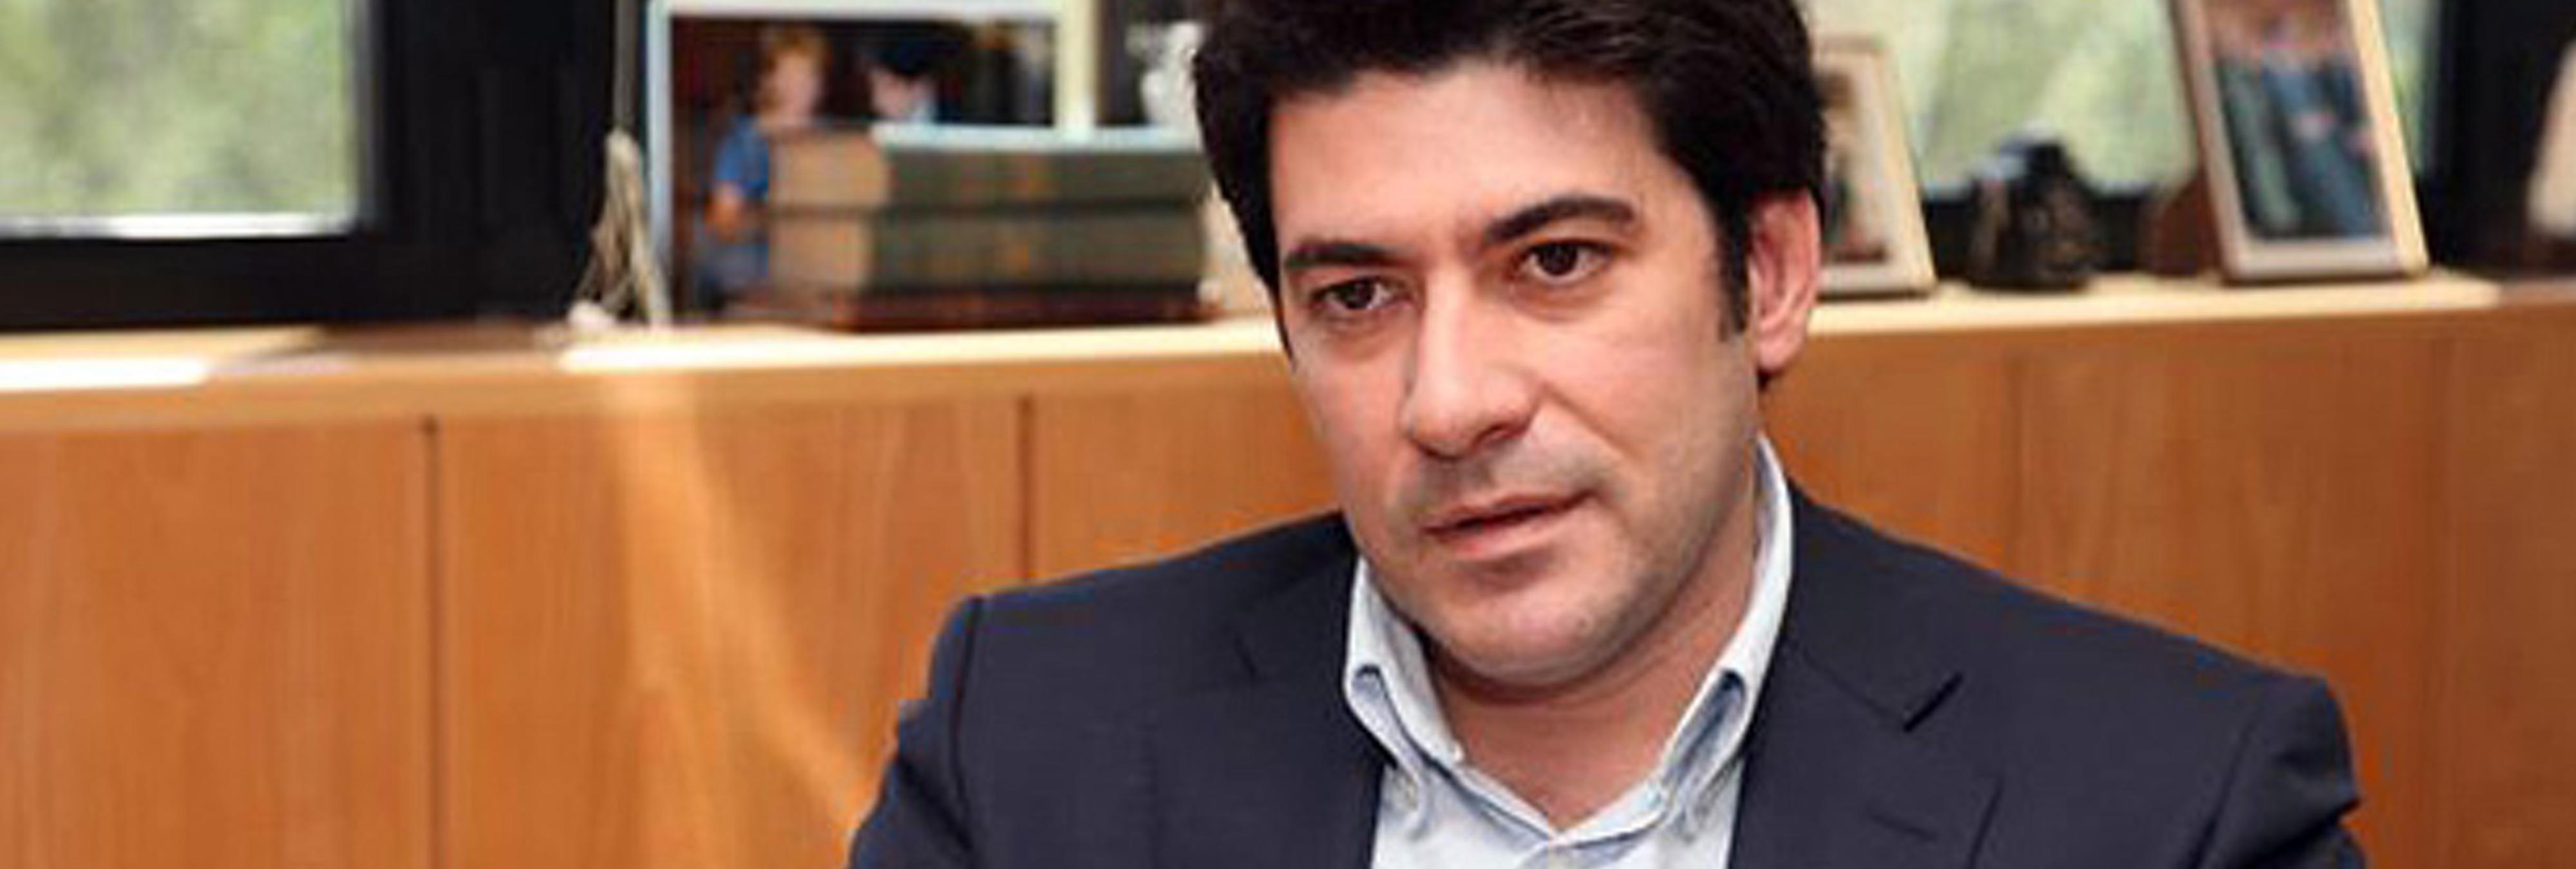 """David Pérez (PP), alcalde de Alcorcón, """"persigue"""" a los vecinos que son contrarios a él"""